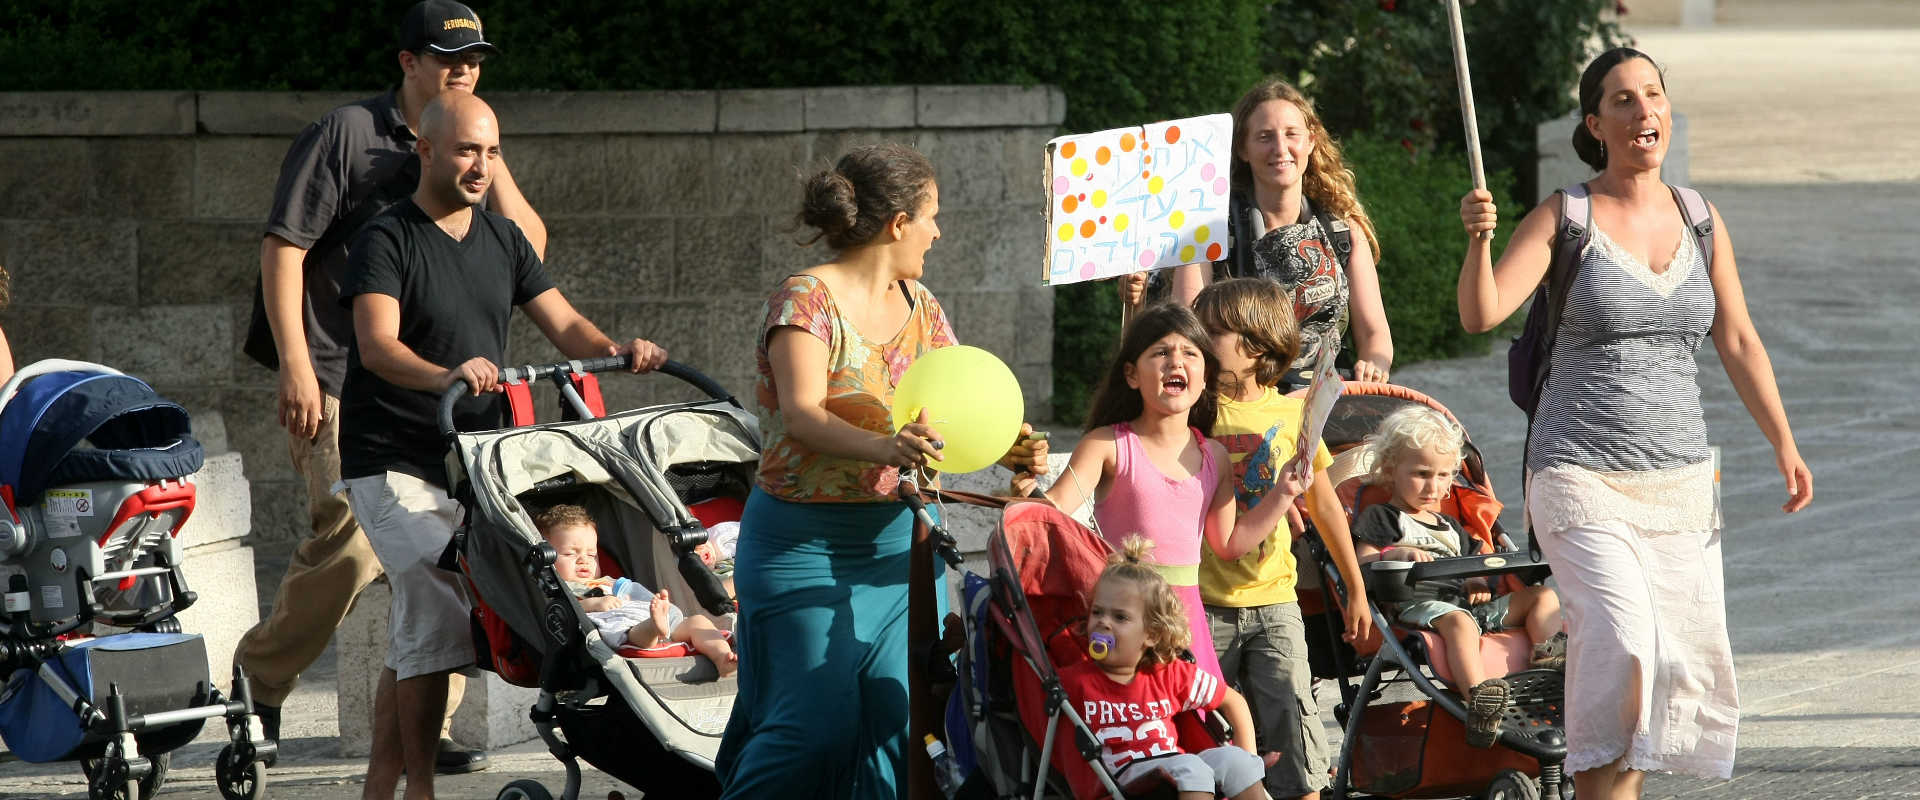 הורים צועדים בהפגנה נגד מחירי הצהרונים